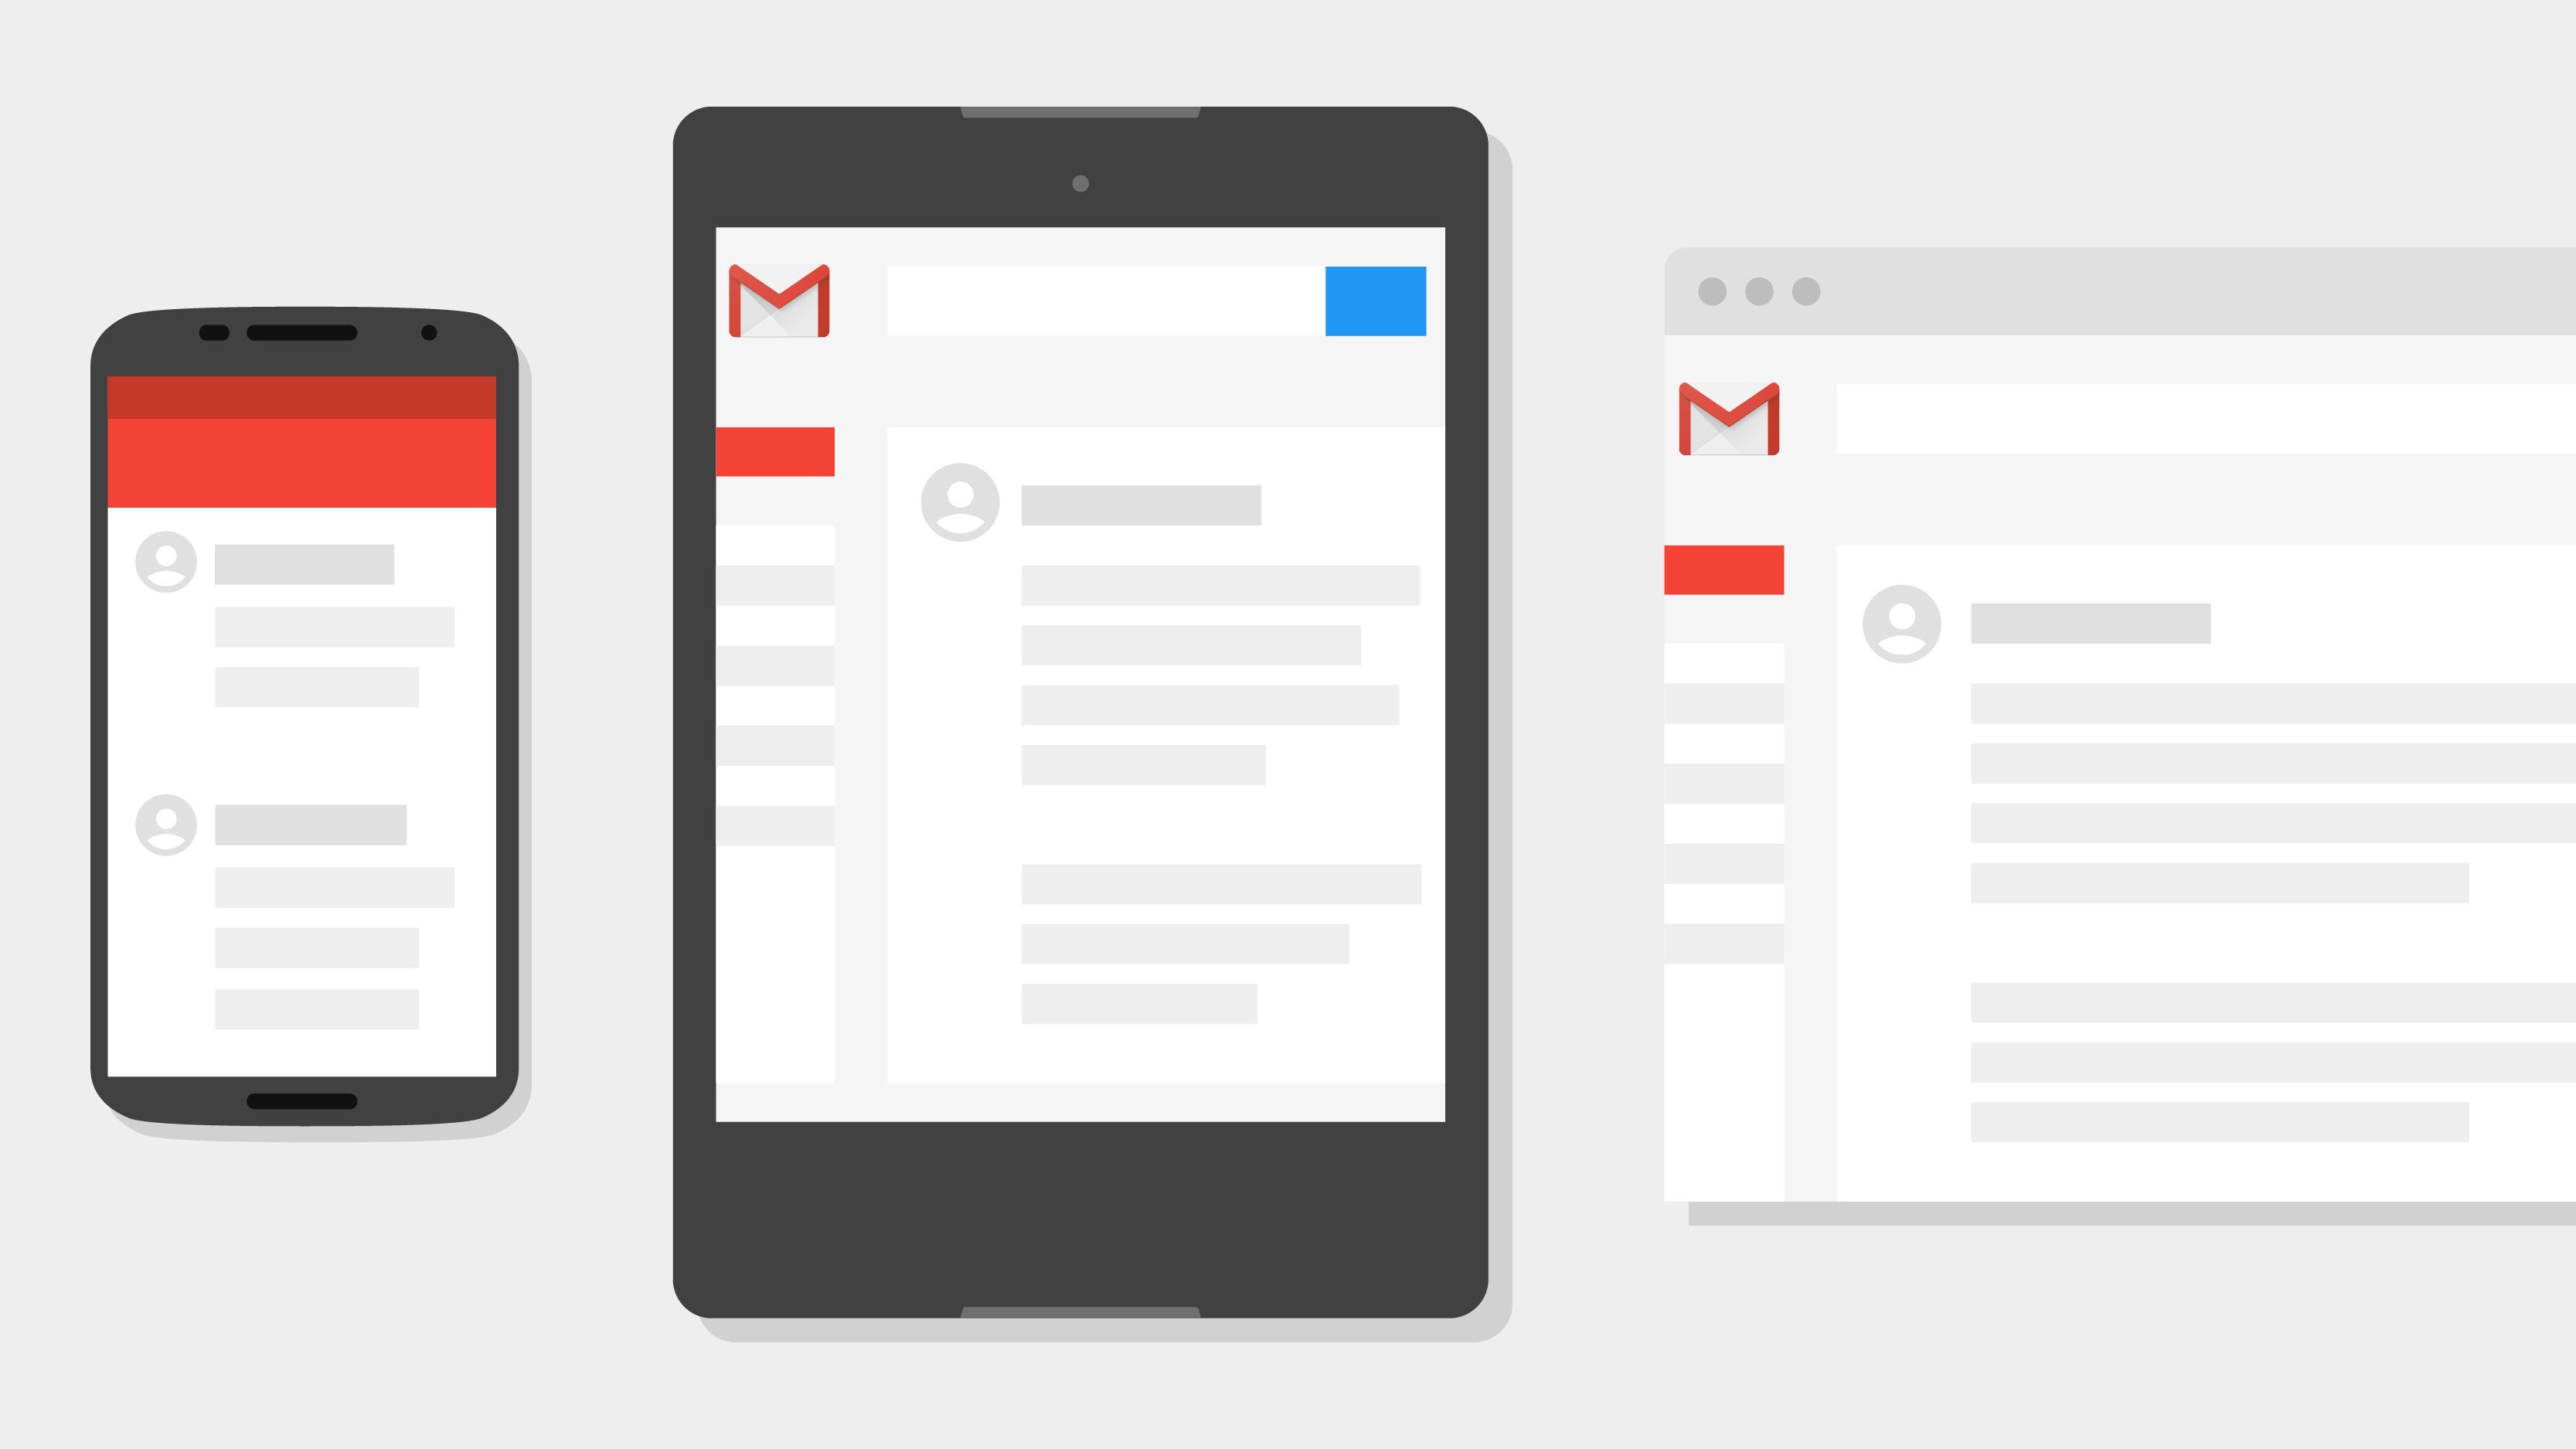 مربع إنشاء الرسالة فيGmail يدعم الآن خدمة دروب بوكس